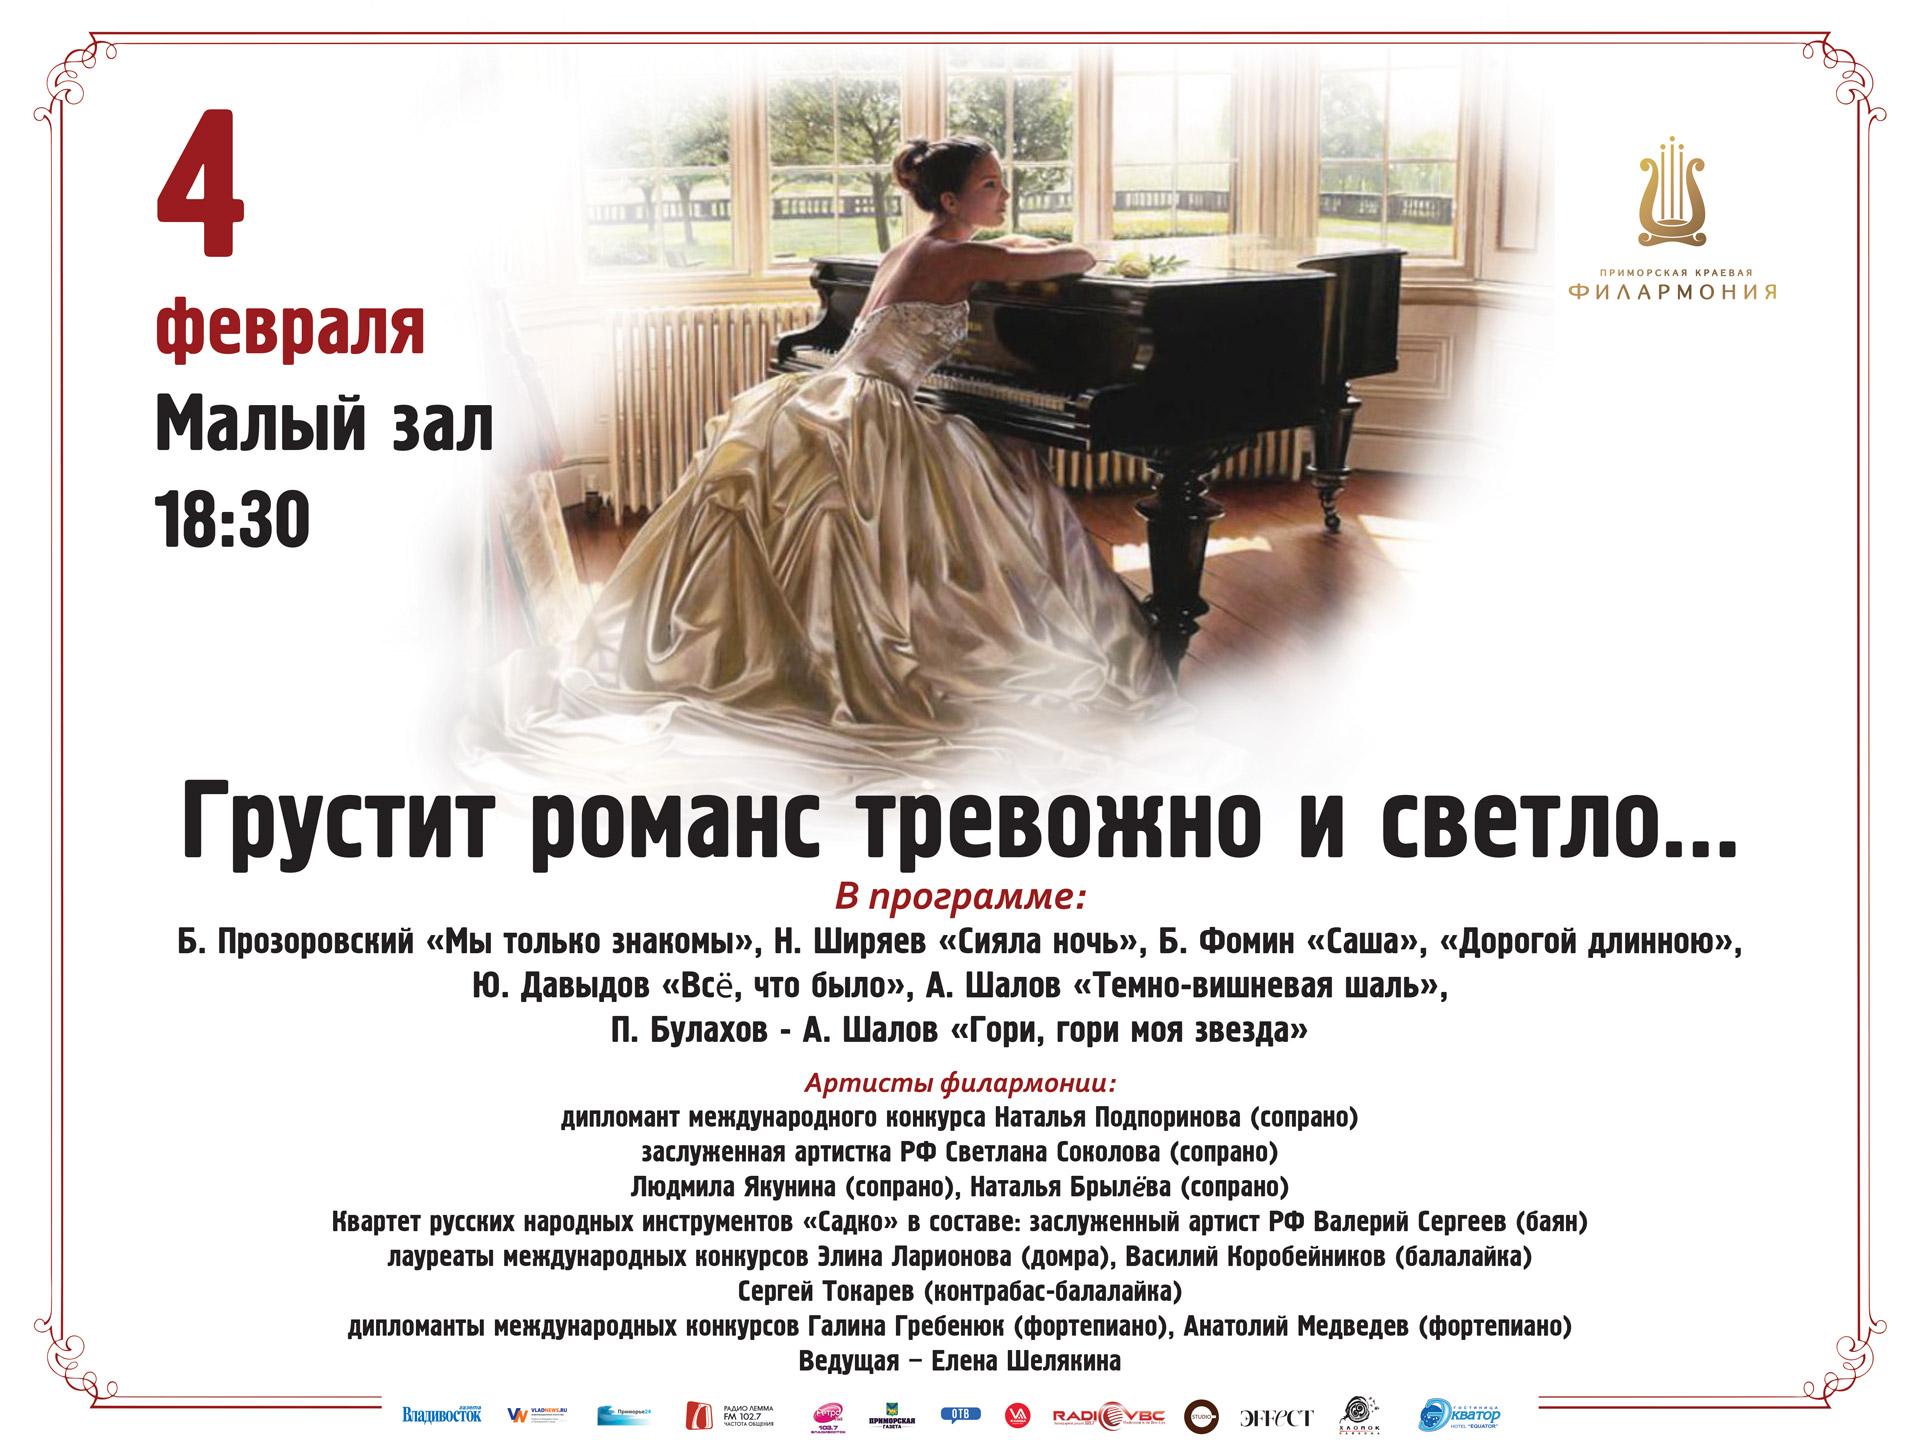 4 февраля Малый зал 18.30 Концертная программа «Грустит романс тревожно и светло…»